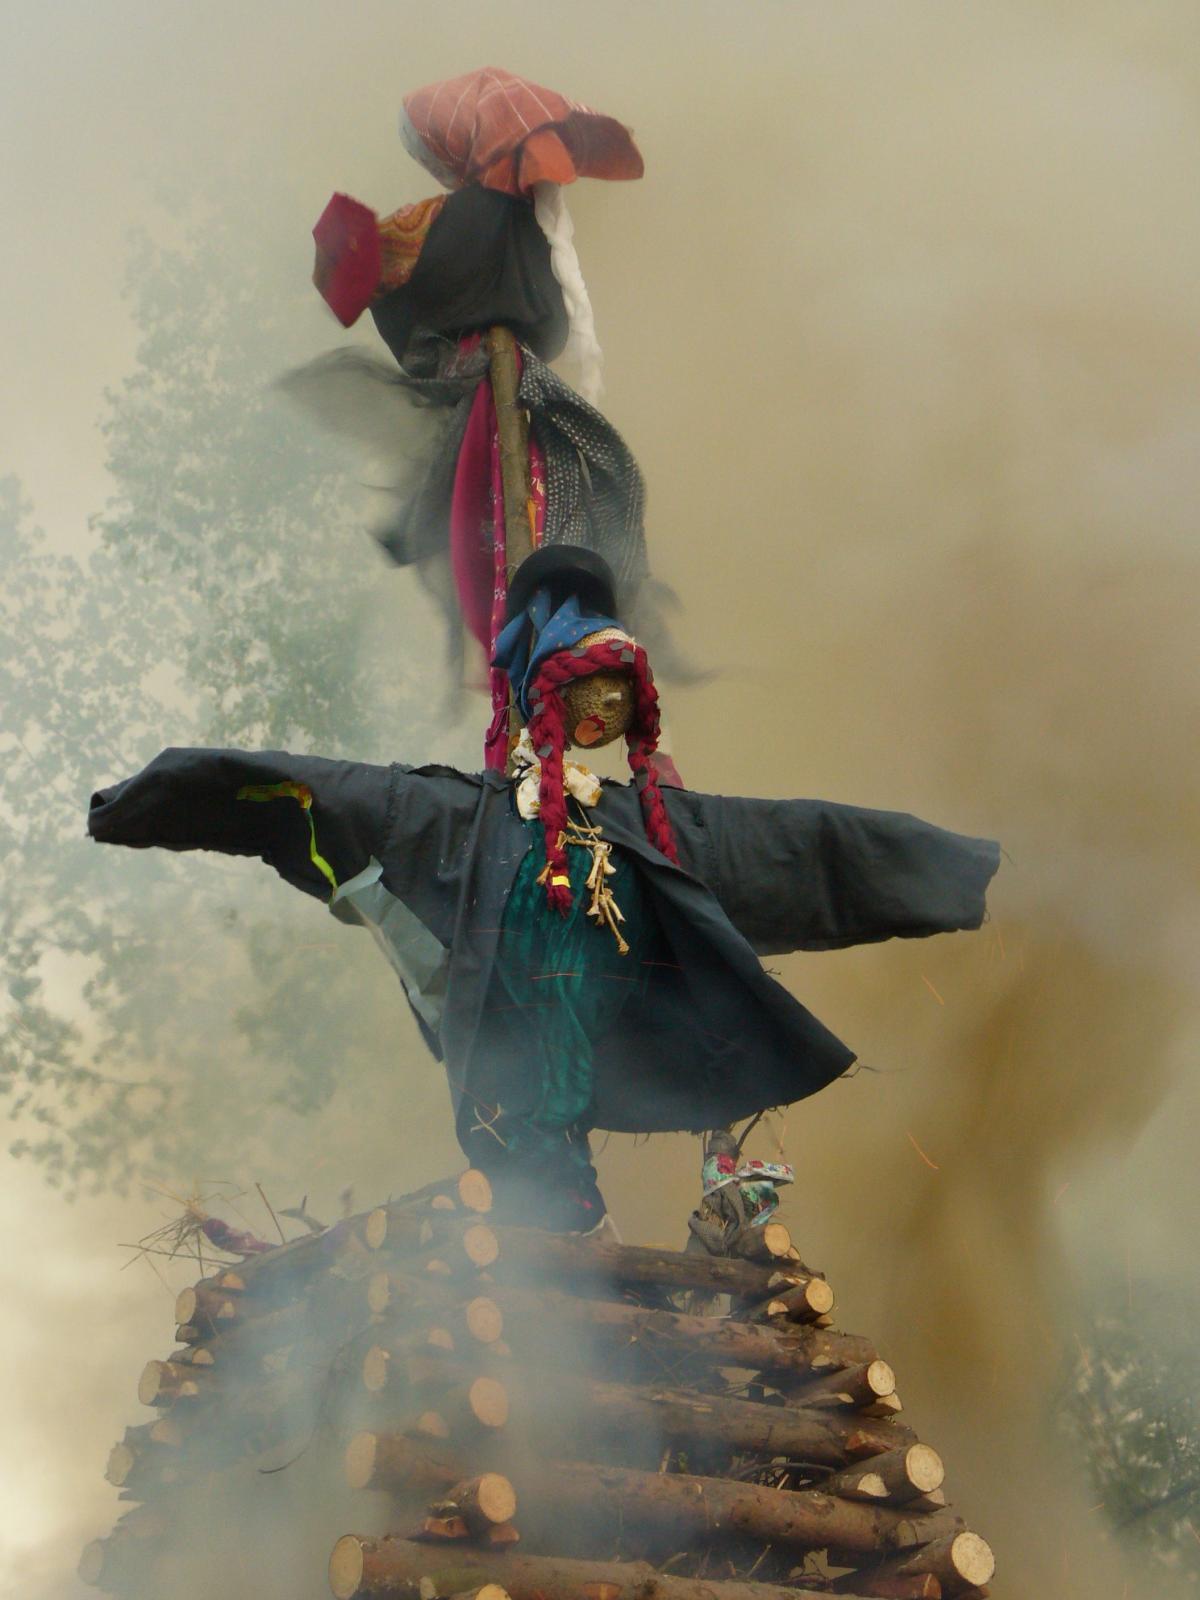 Burning Witches - free stock photo